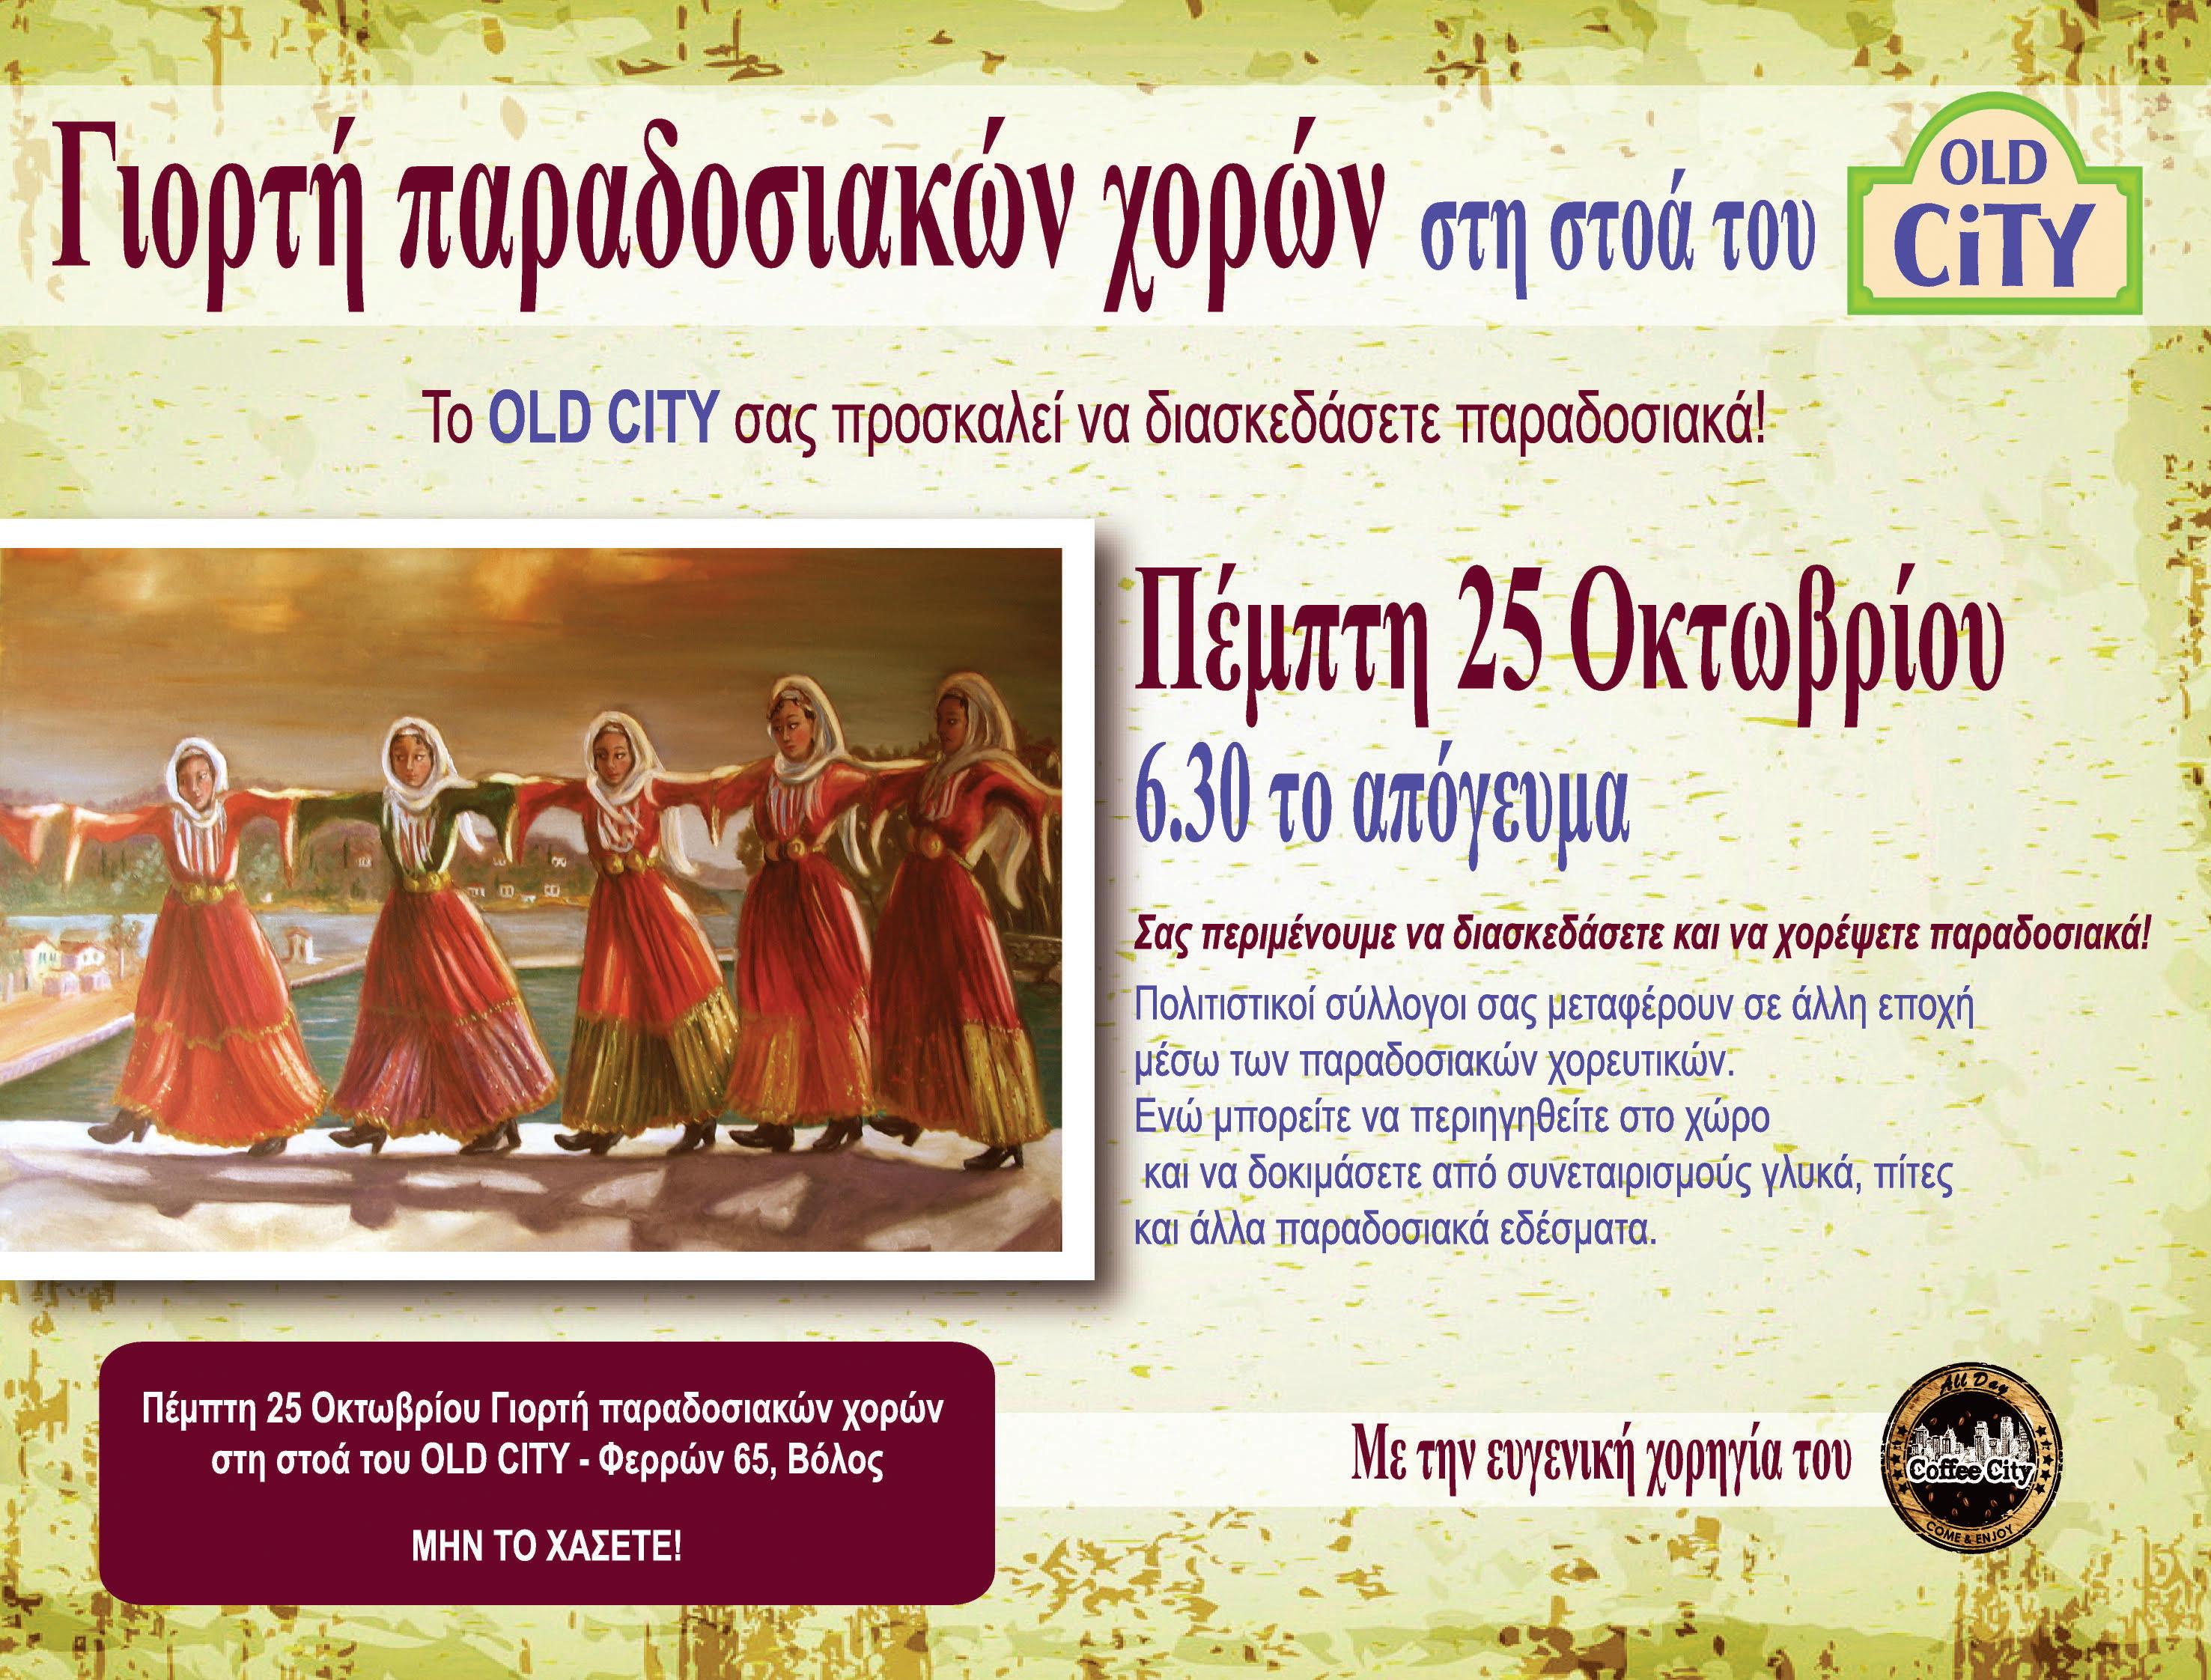 Γιορτή παραδοσιακών χορών στη στοά του Old City!